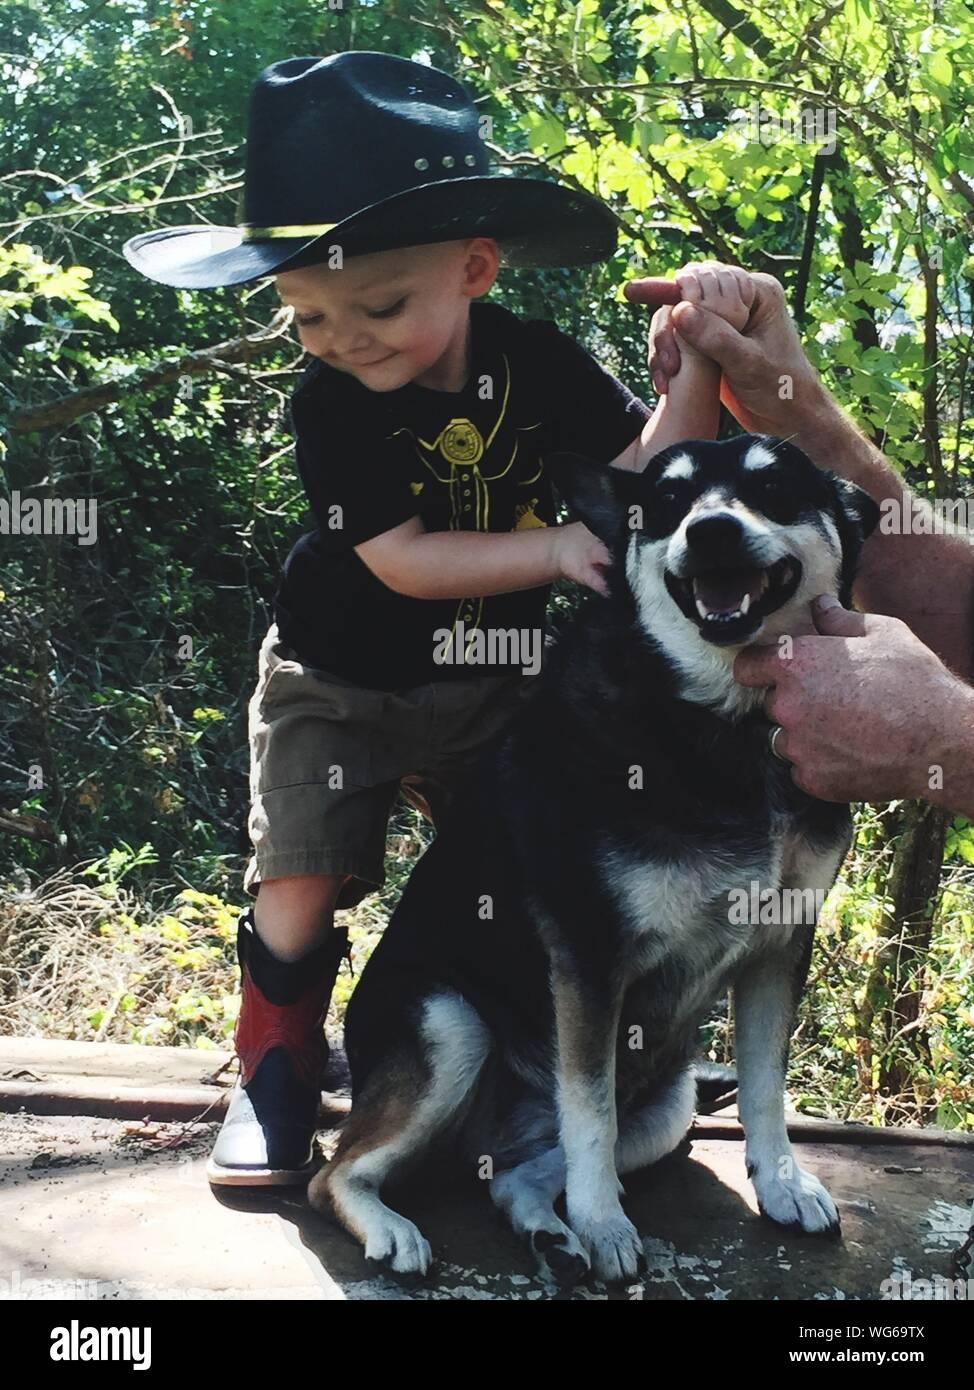 Hombre sujetando Infante por perro contra plantas Foto de stock